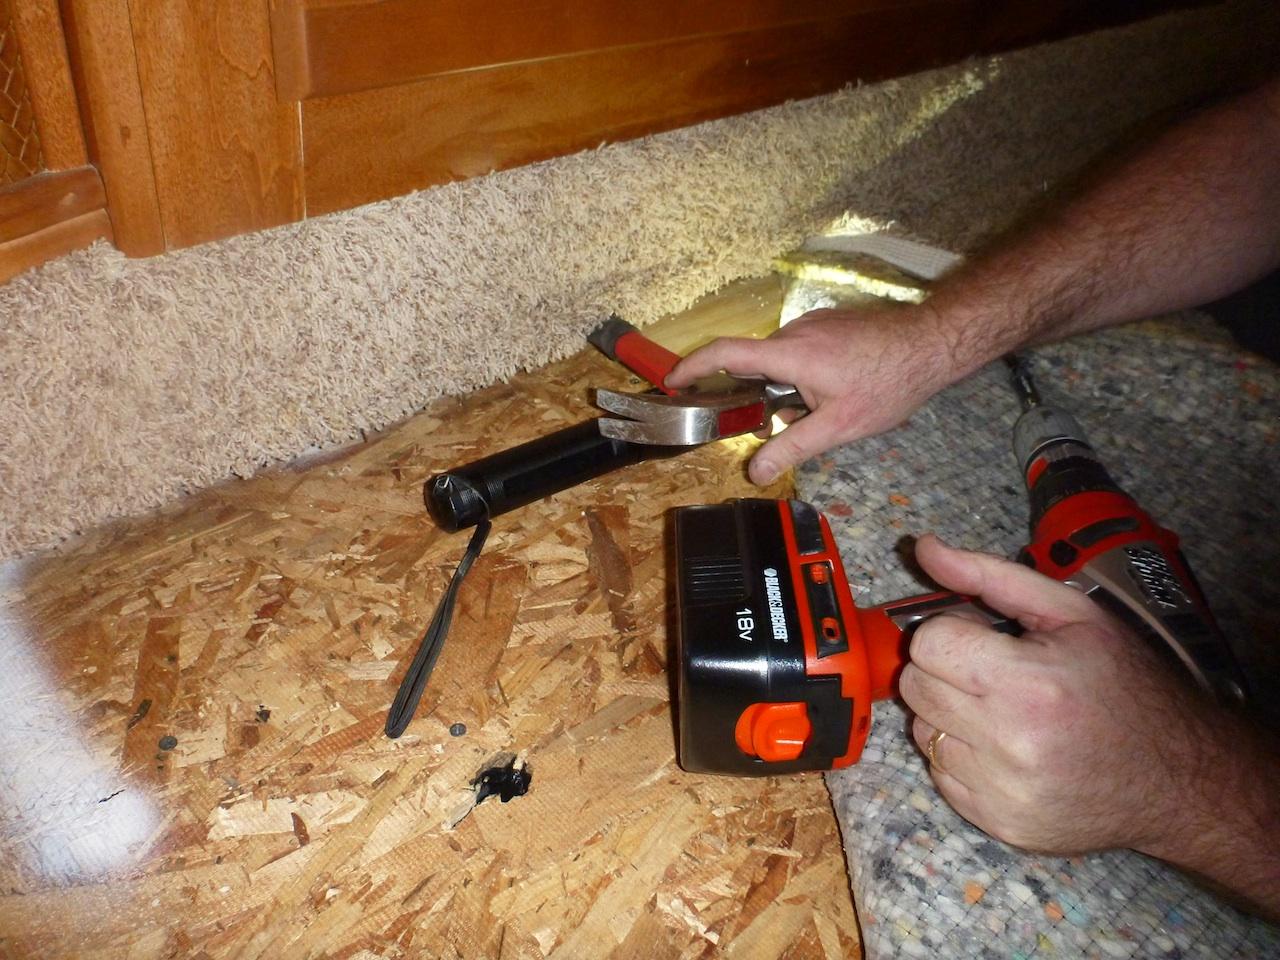 David Fixing The Squeak In The Bedroom Floor